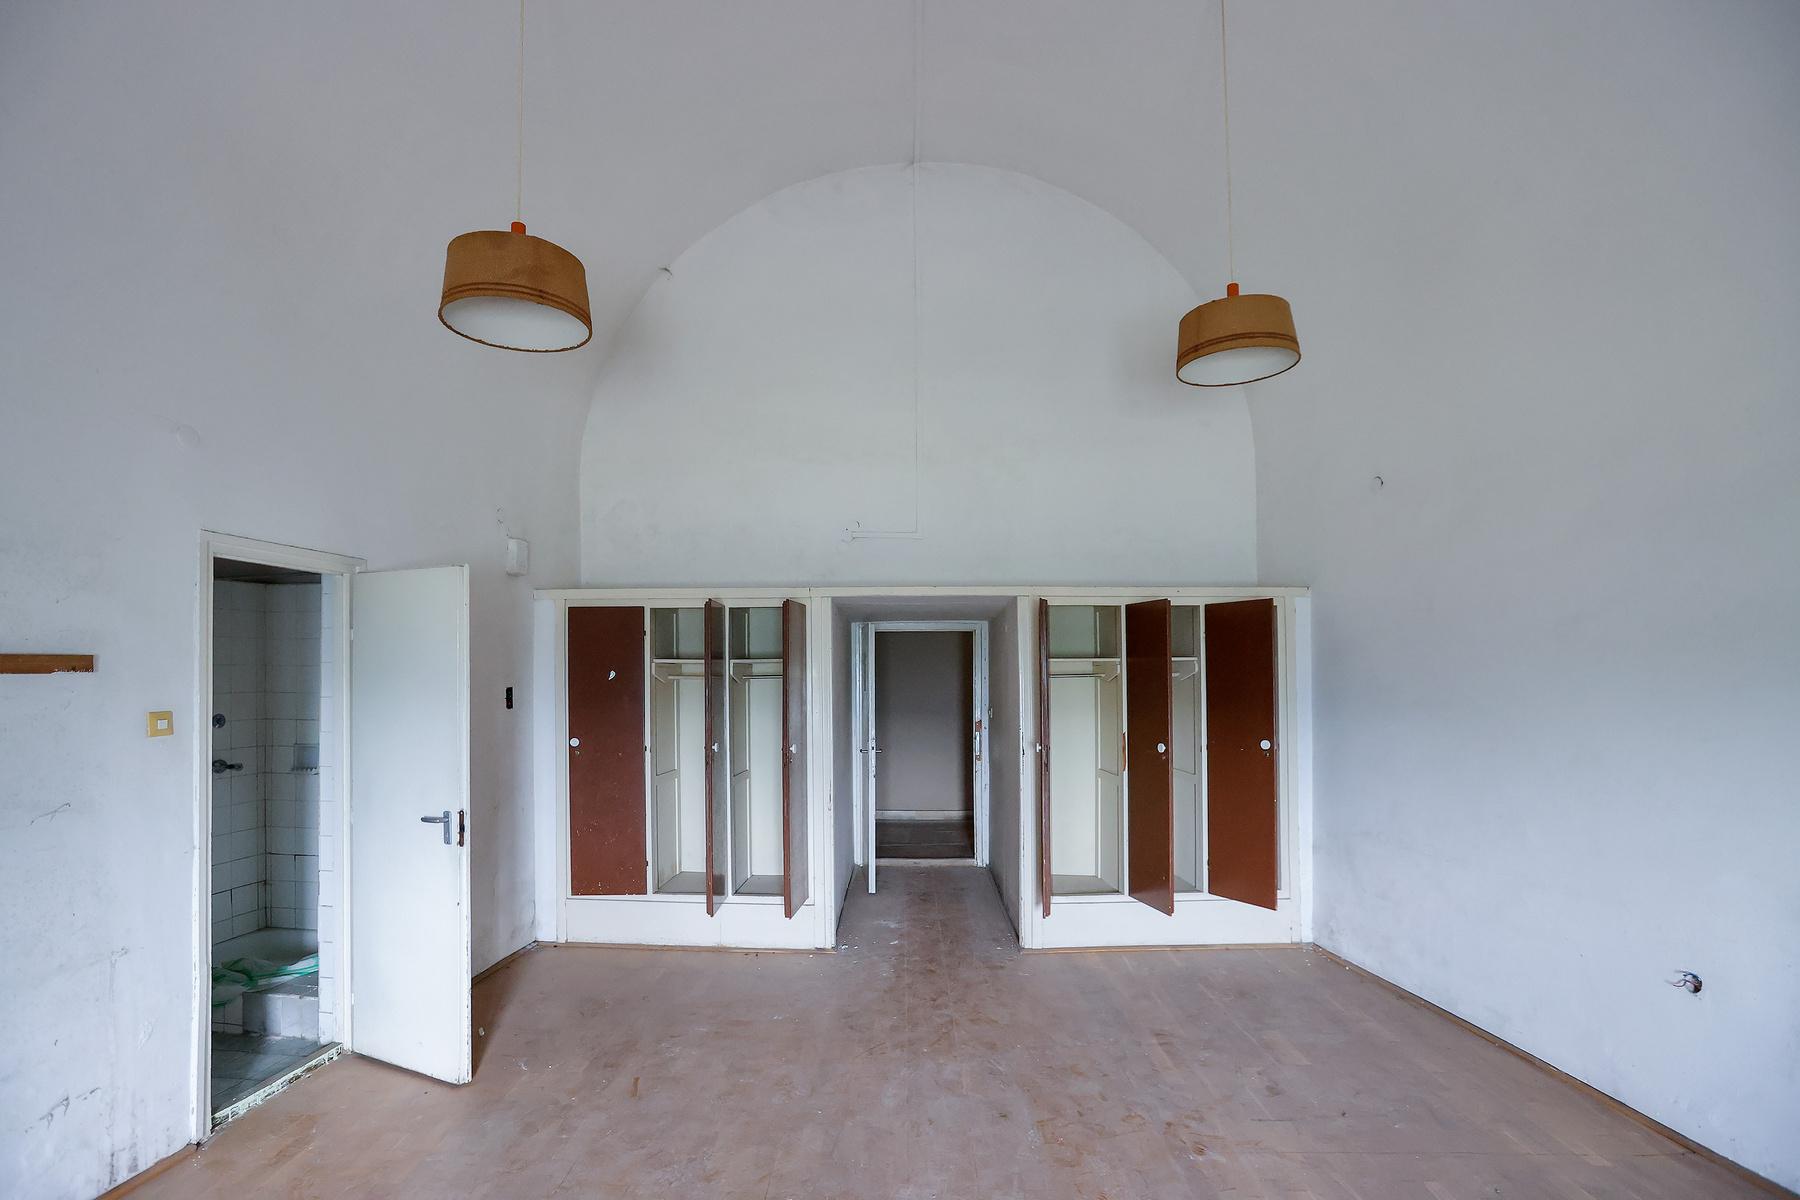 Egyelőre még nem választották ki a tervezőt, nincsenek elfogadott építészeti tervek, így nem tudni, mi lesz a tetőn - de vétek lenne kihasználatlanul hagyni